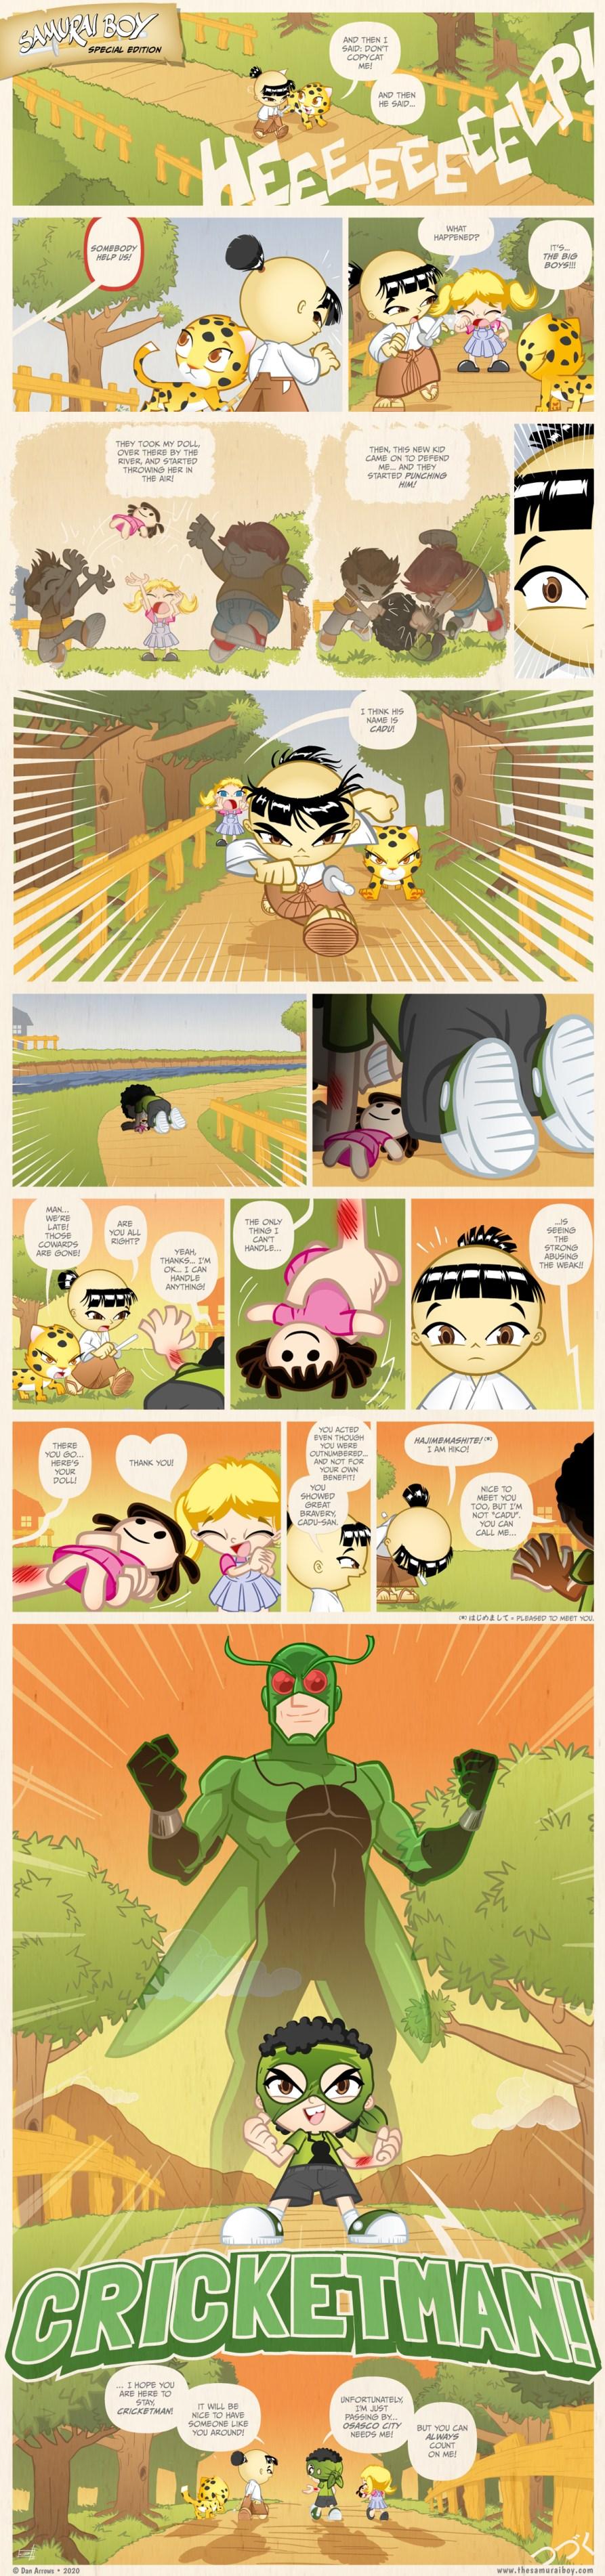 Samurai Boy and CricketMan